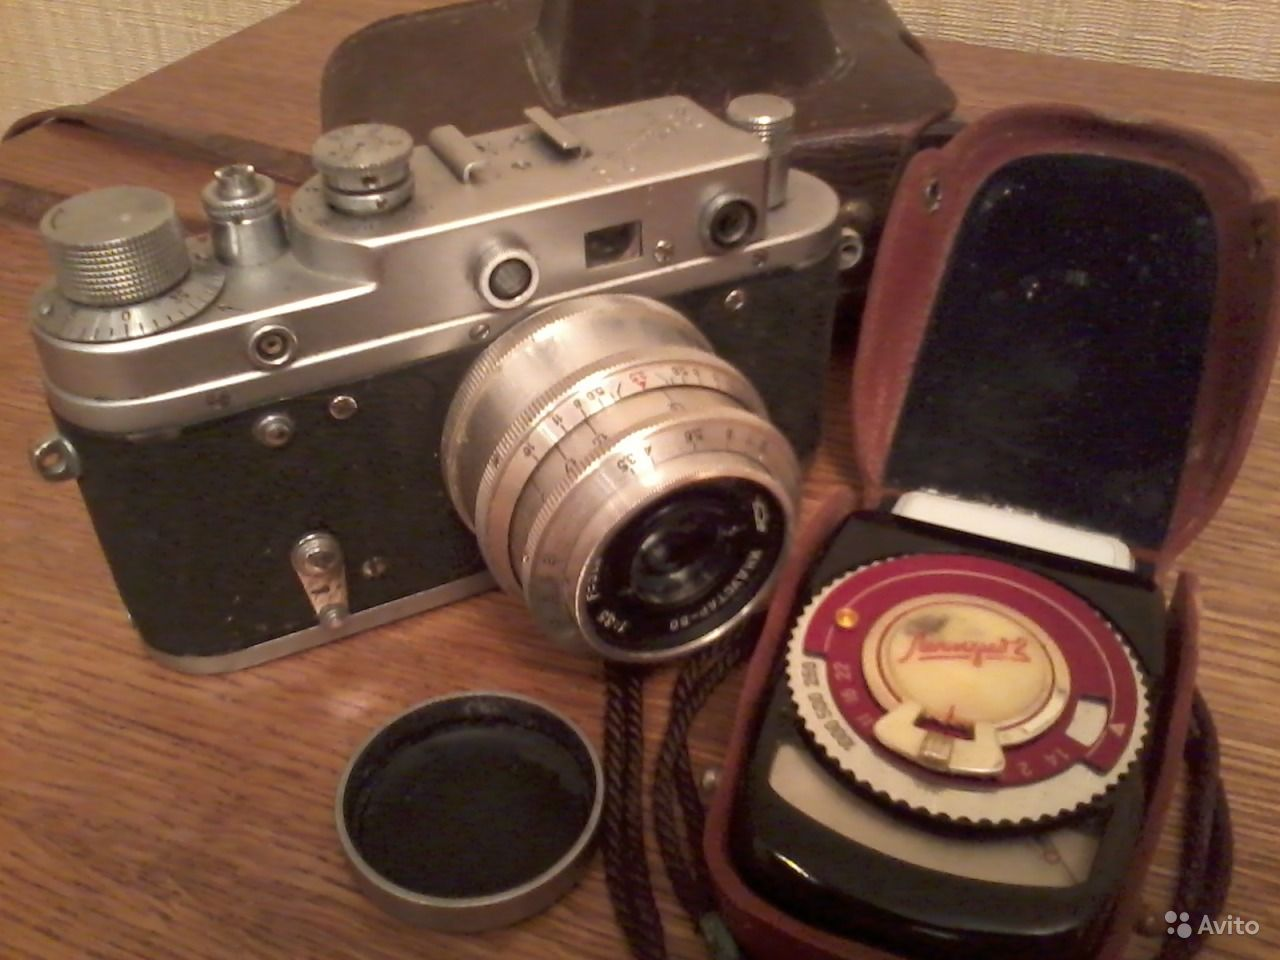 Самый лучший пленочный фотоаппарат с экспонометром найдете